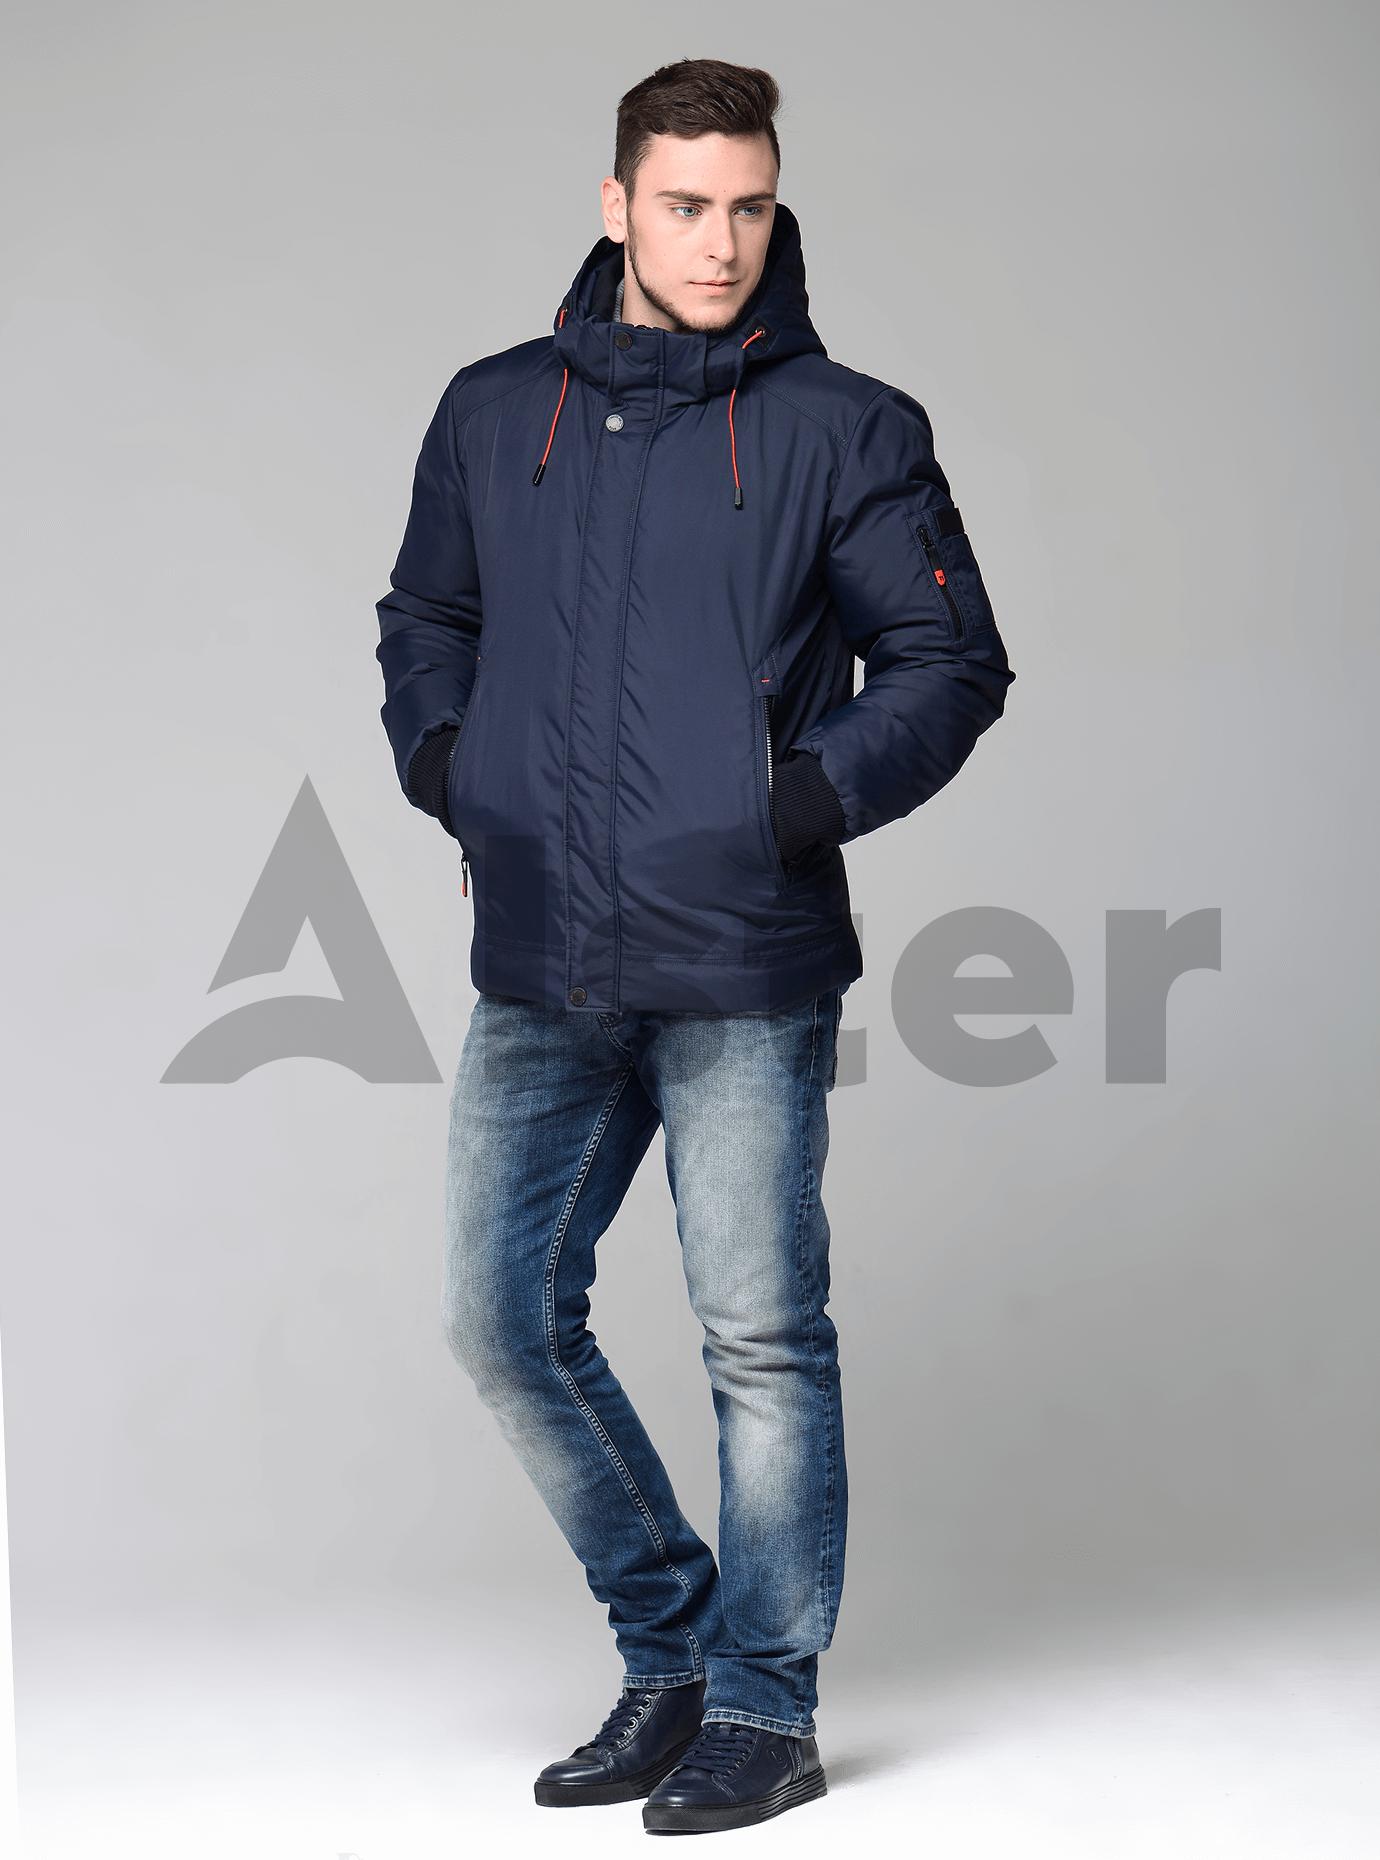 Мужская куртка зимняя с манжетами Синий 56 (02-MS1901220): фото - Alster.ua